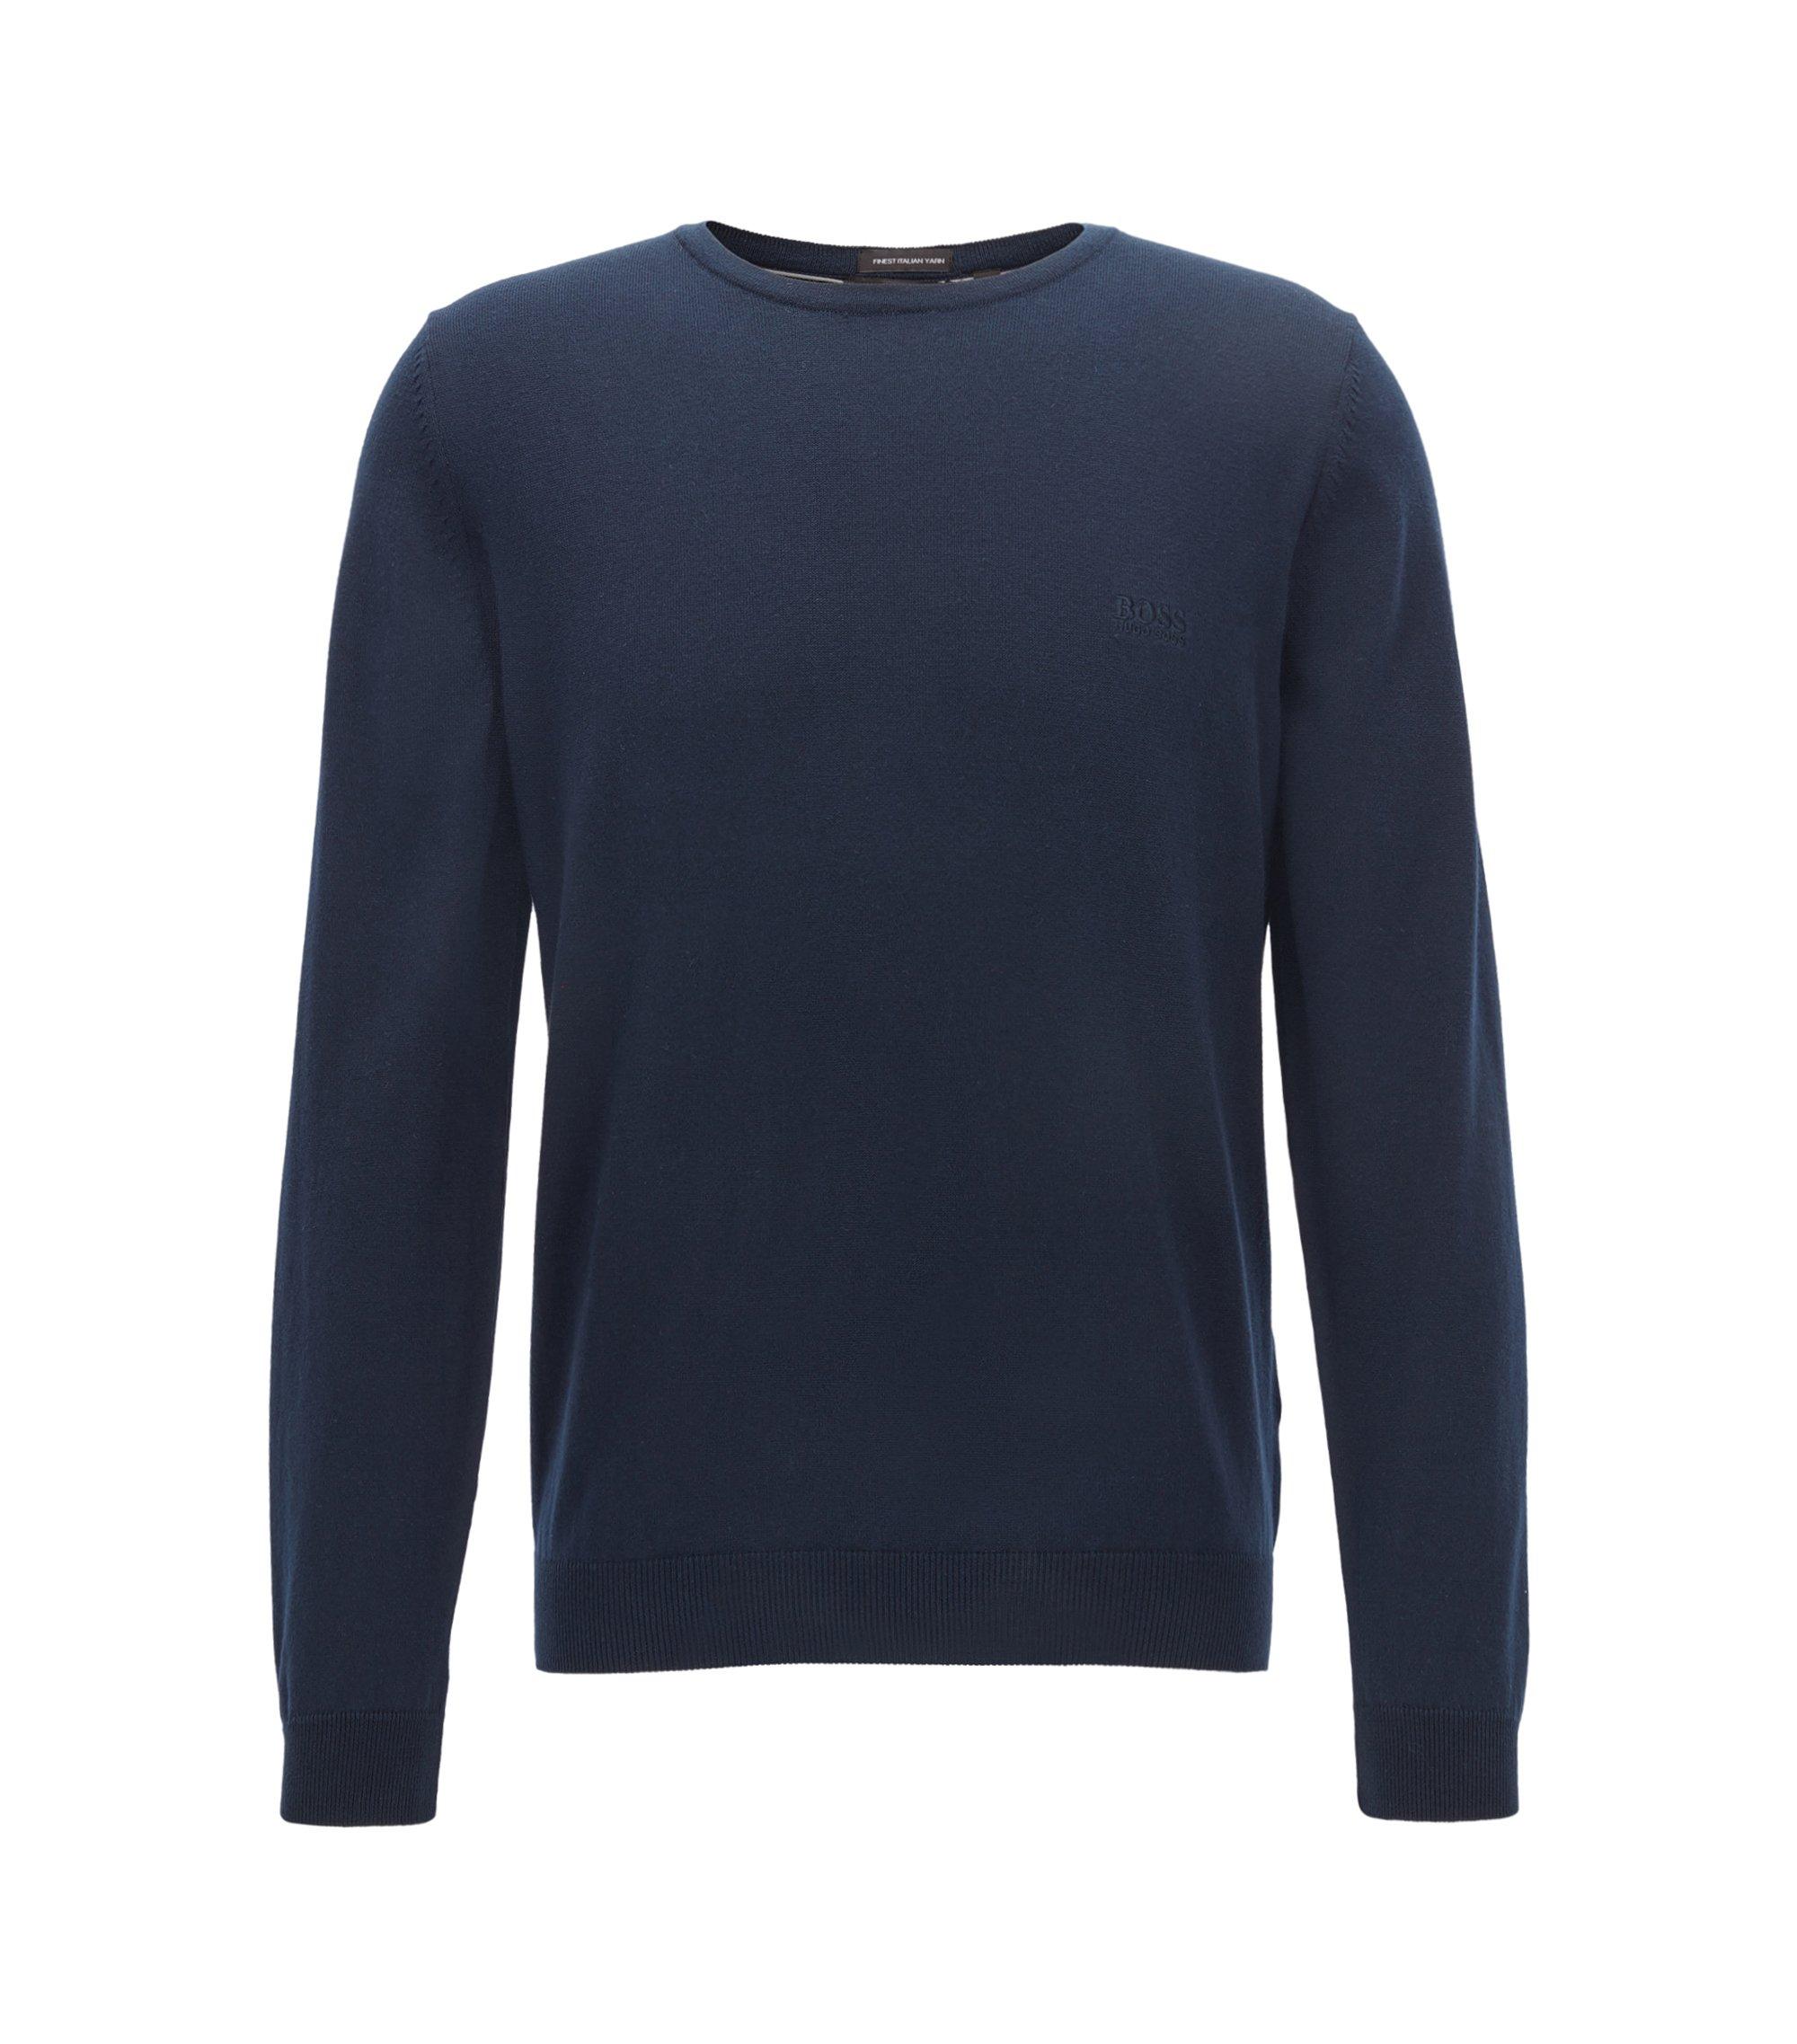 Maglione in cotone con scollatura a girocollo e logo ricamato, Blu scuro